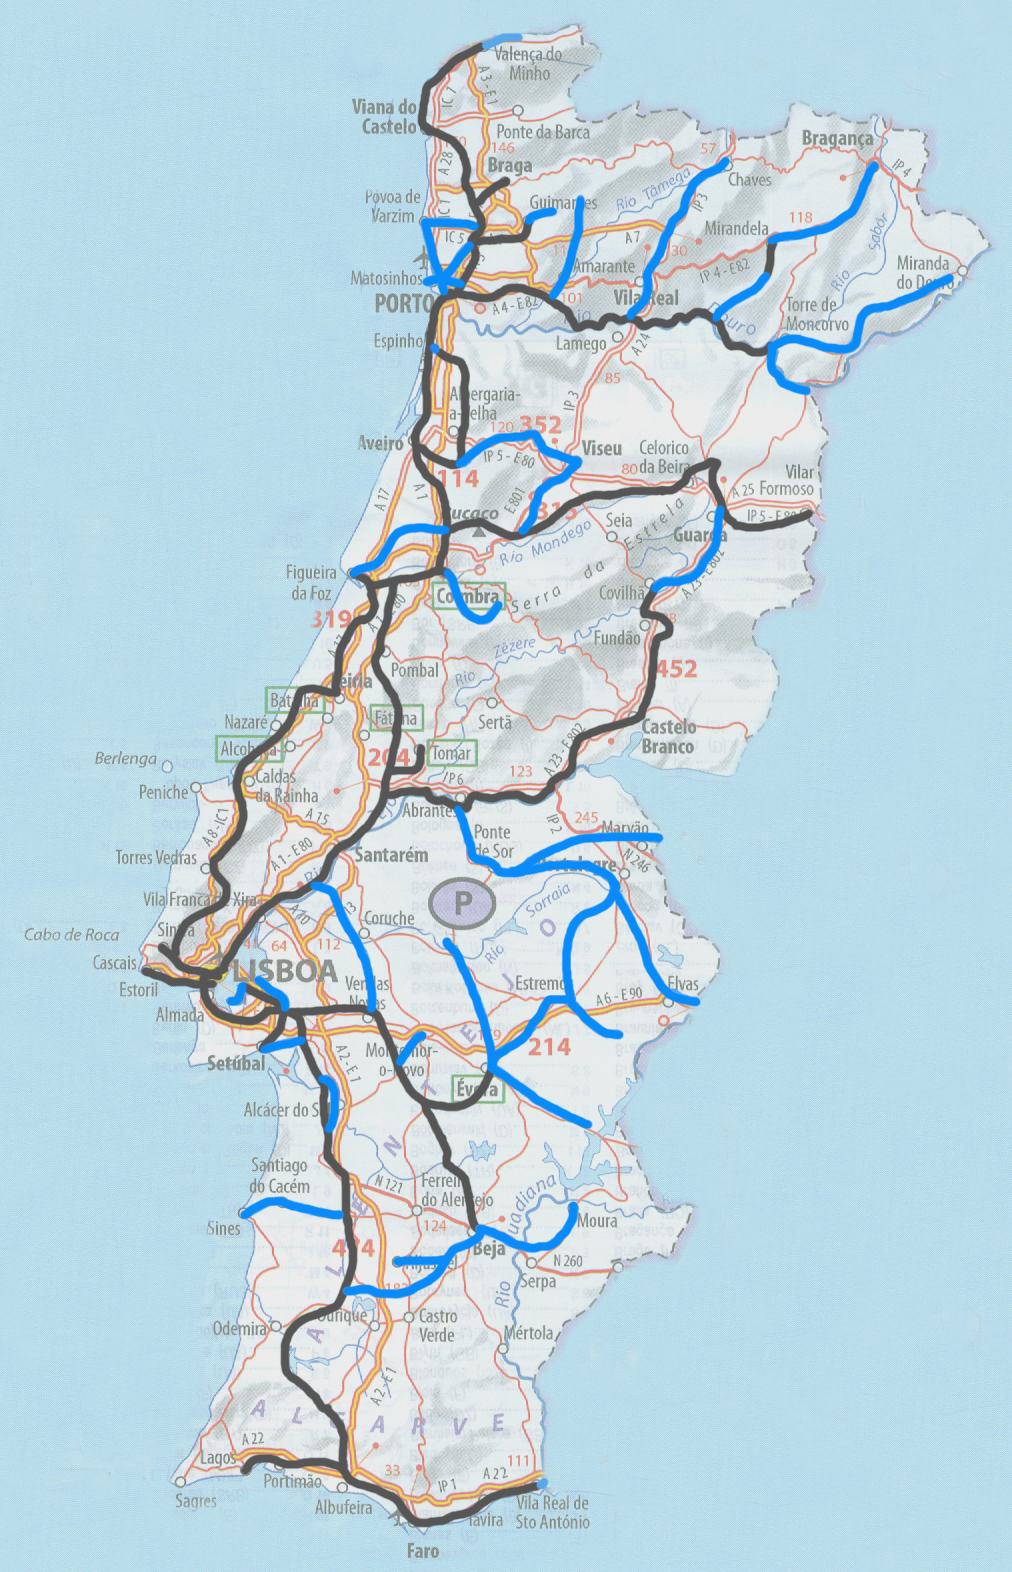 mapa de portugal com autoestradas A Nossa Terrinha: Ferrovia e autoestradas (mapas) mapa de portugal com autoestradas